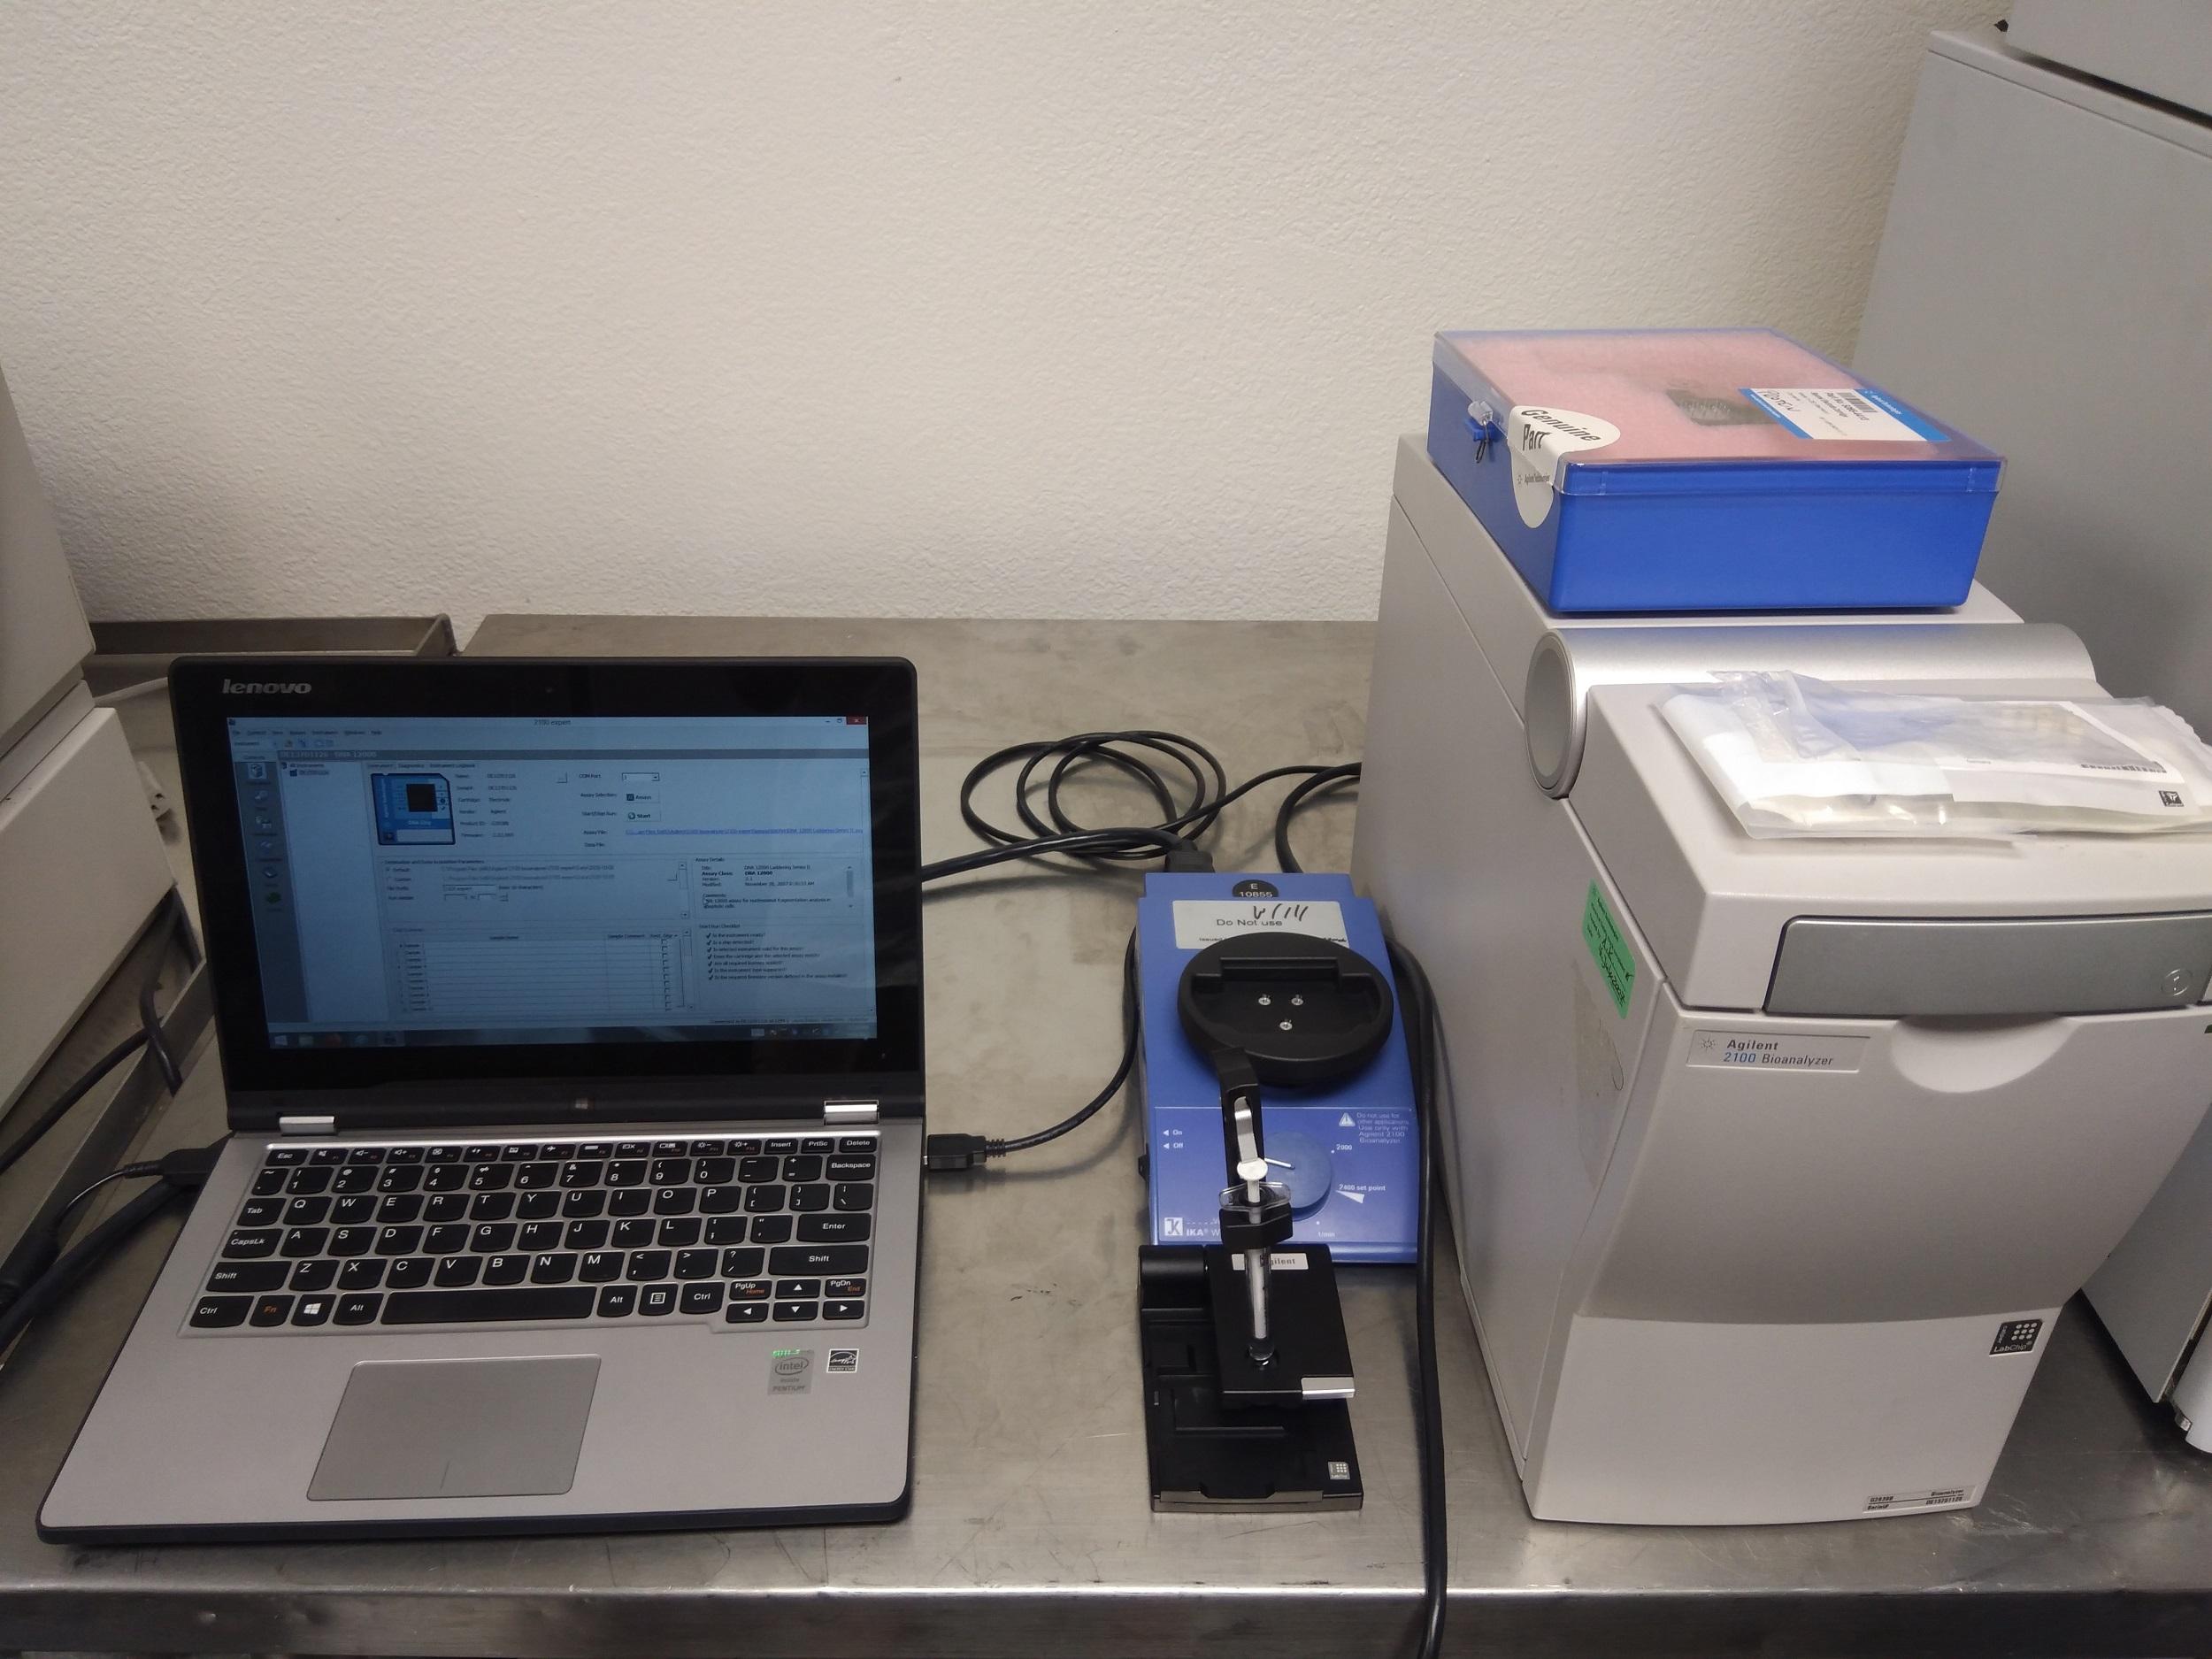 Agilent 2100 Bioanalyzer G2938B System - Innovtrendlab San Diego